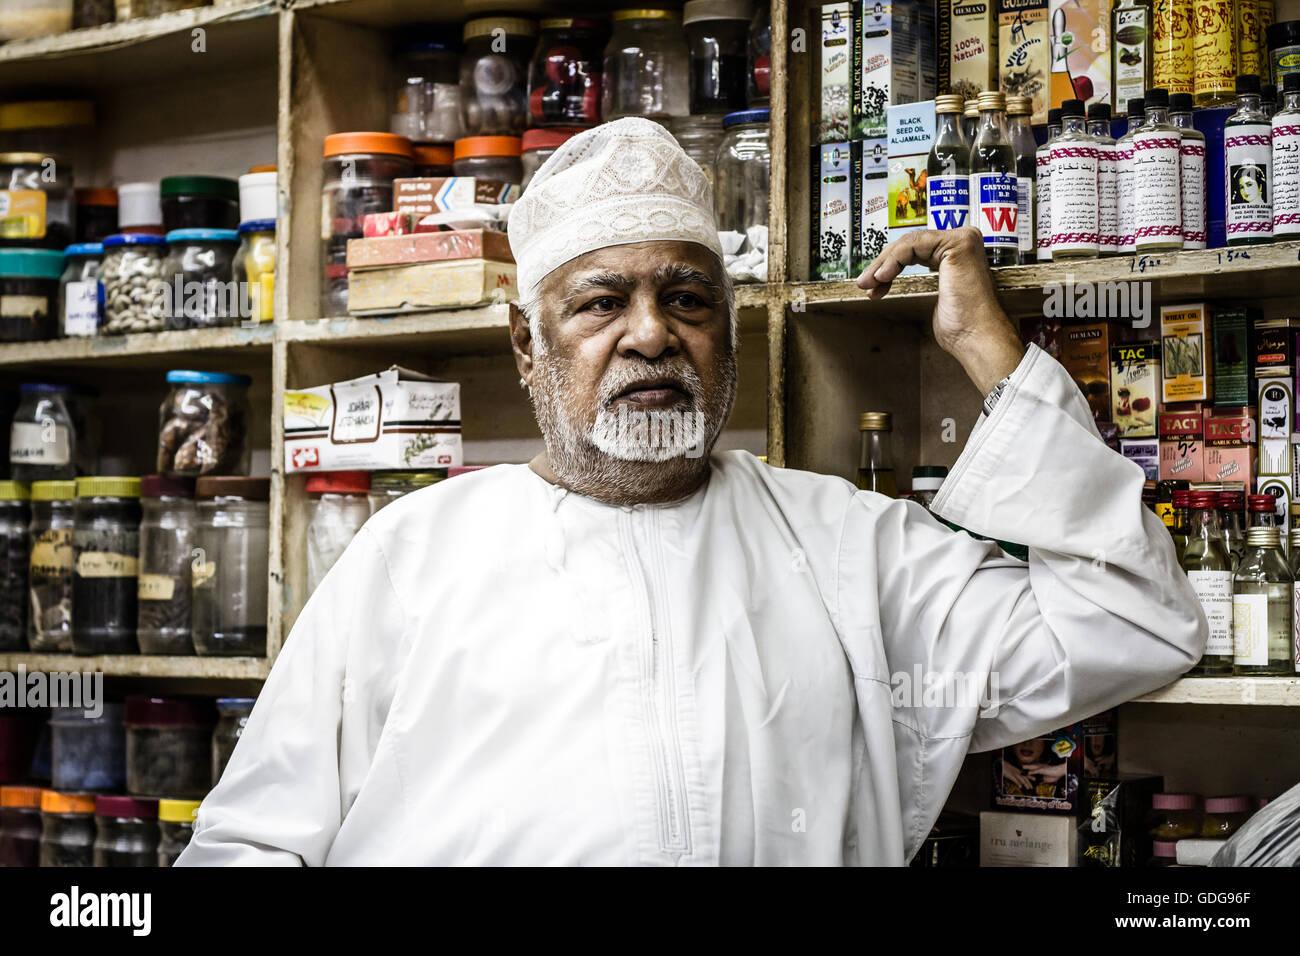 Spice Trader antiguo zoco de Muttrah, Oman. Imagen De Stock